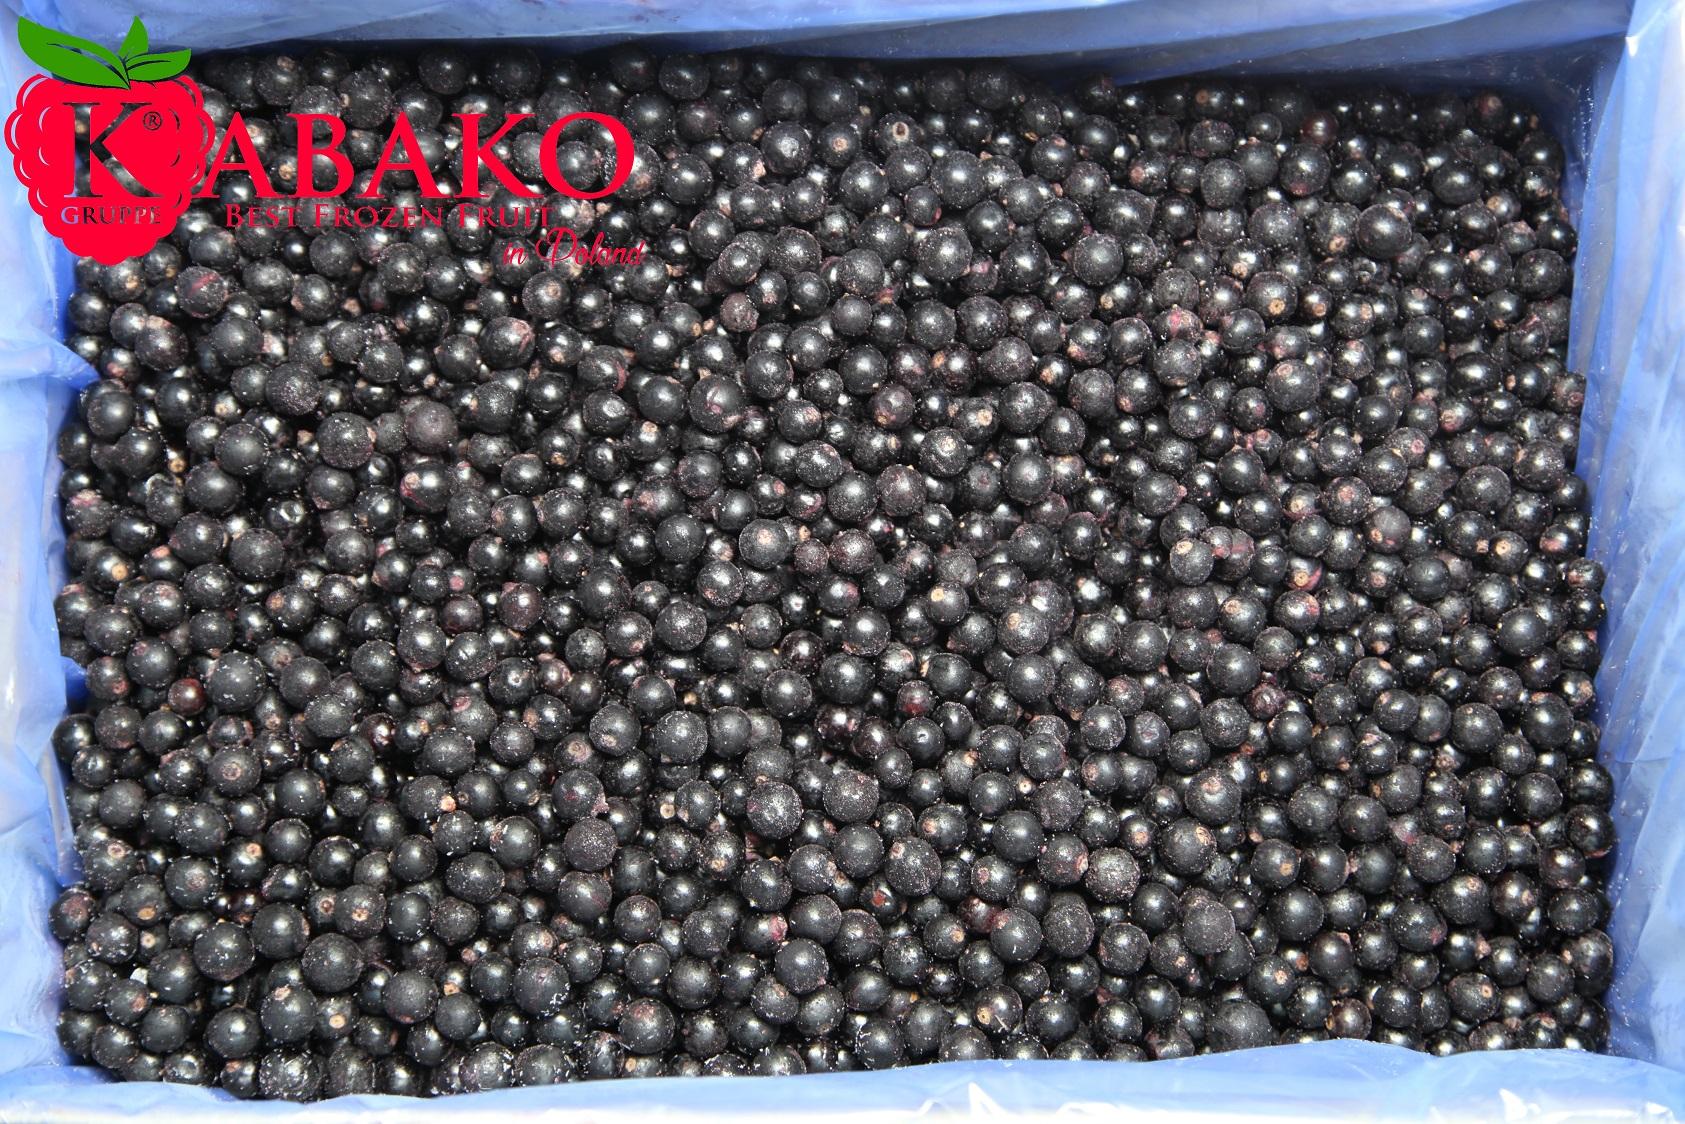 Frozen (IQF) Black Currants 6